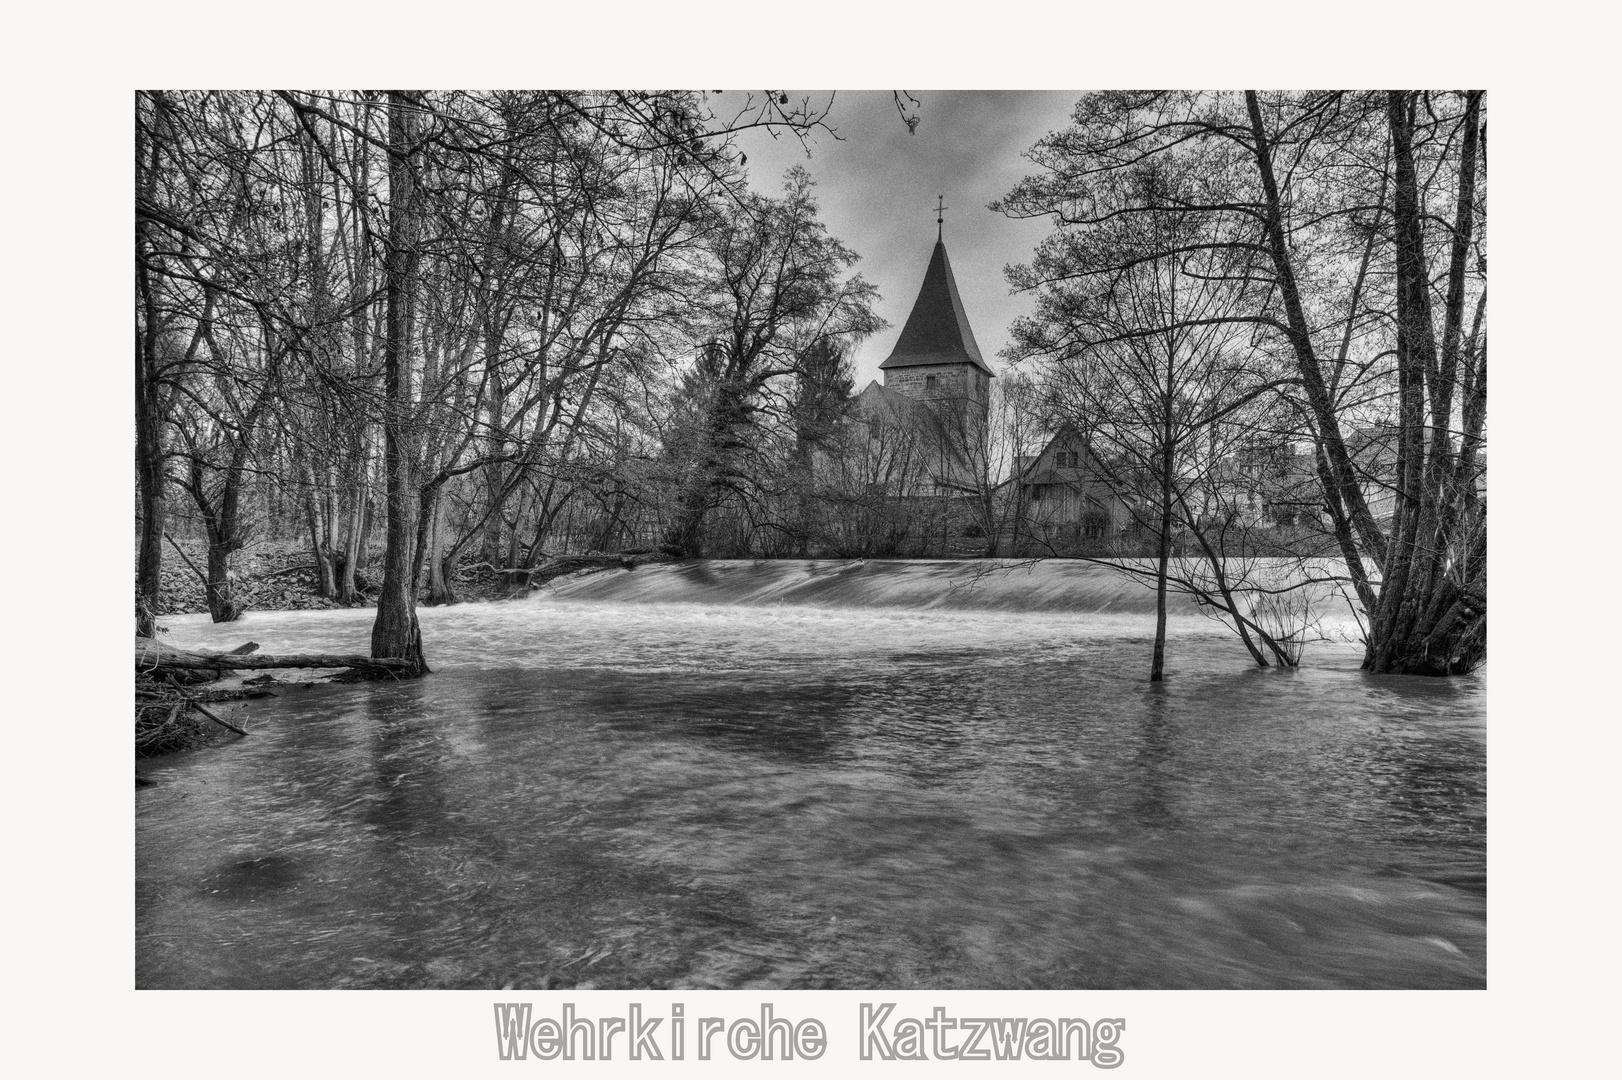 Wehrkirche Katzwang Impressionen (29)